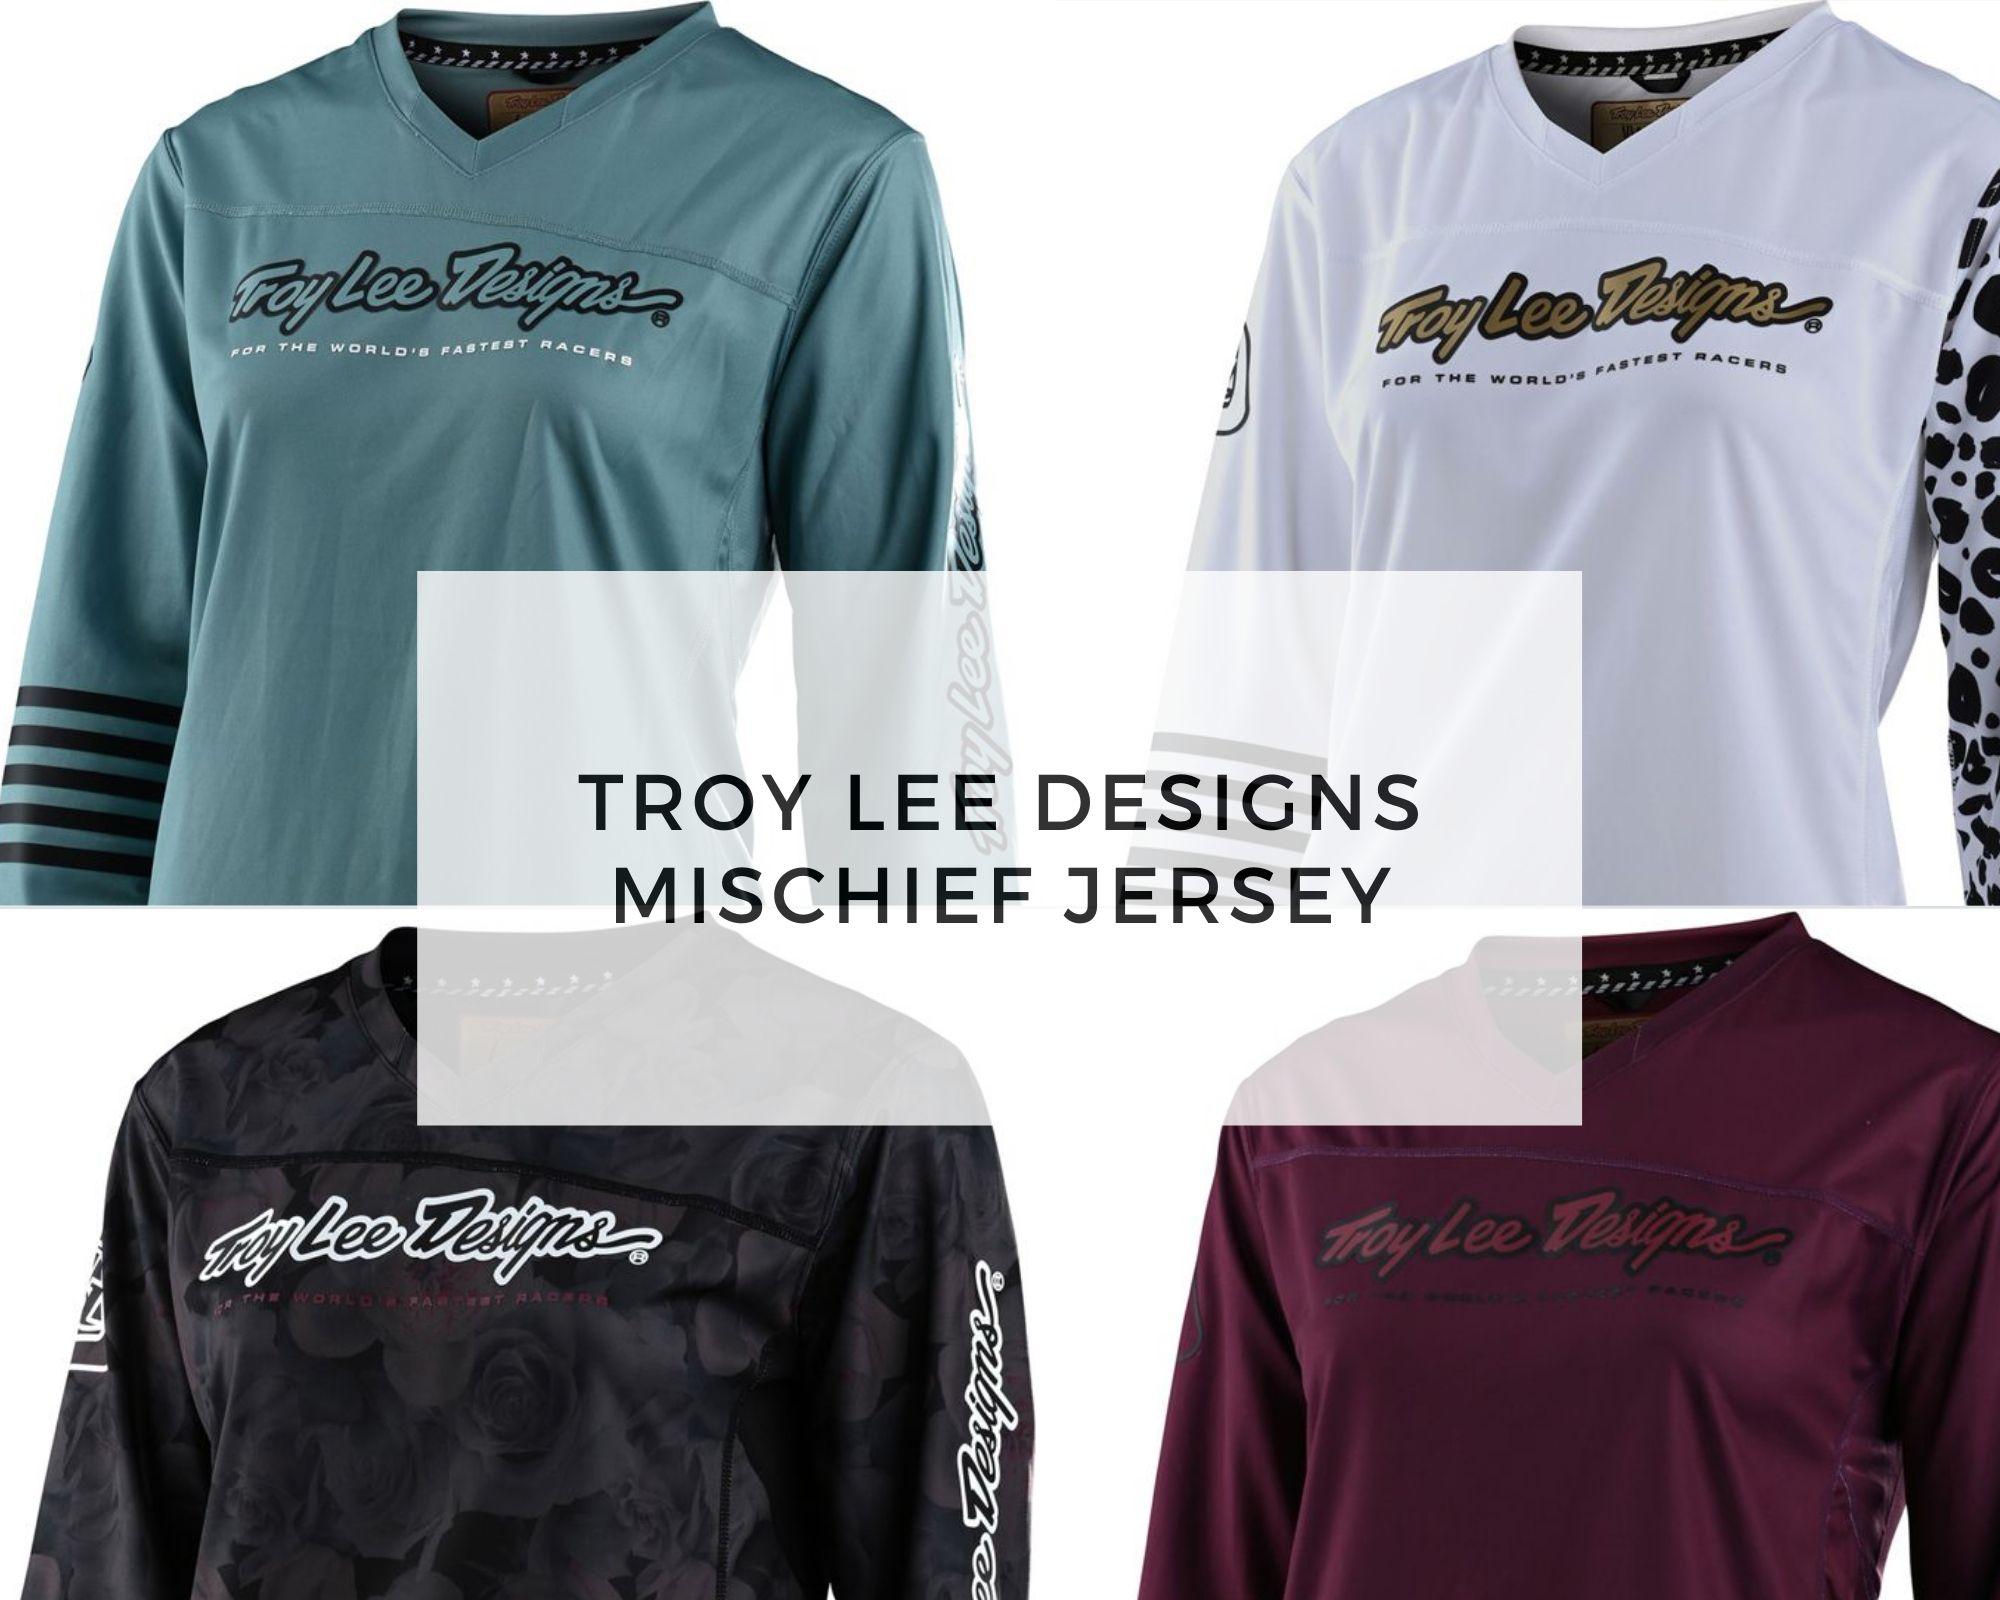 Troy Lee Designs jersey - Mischief